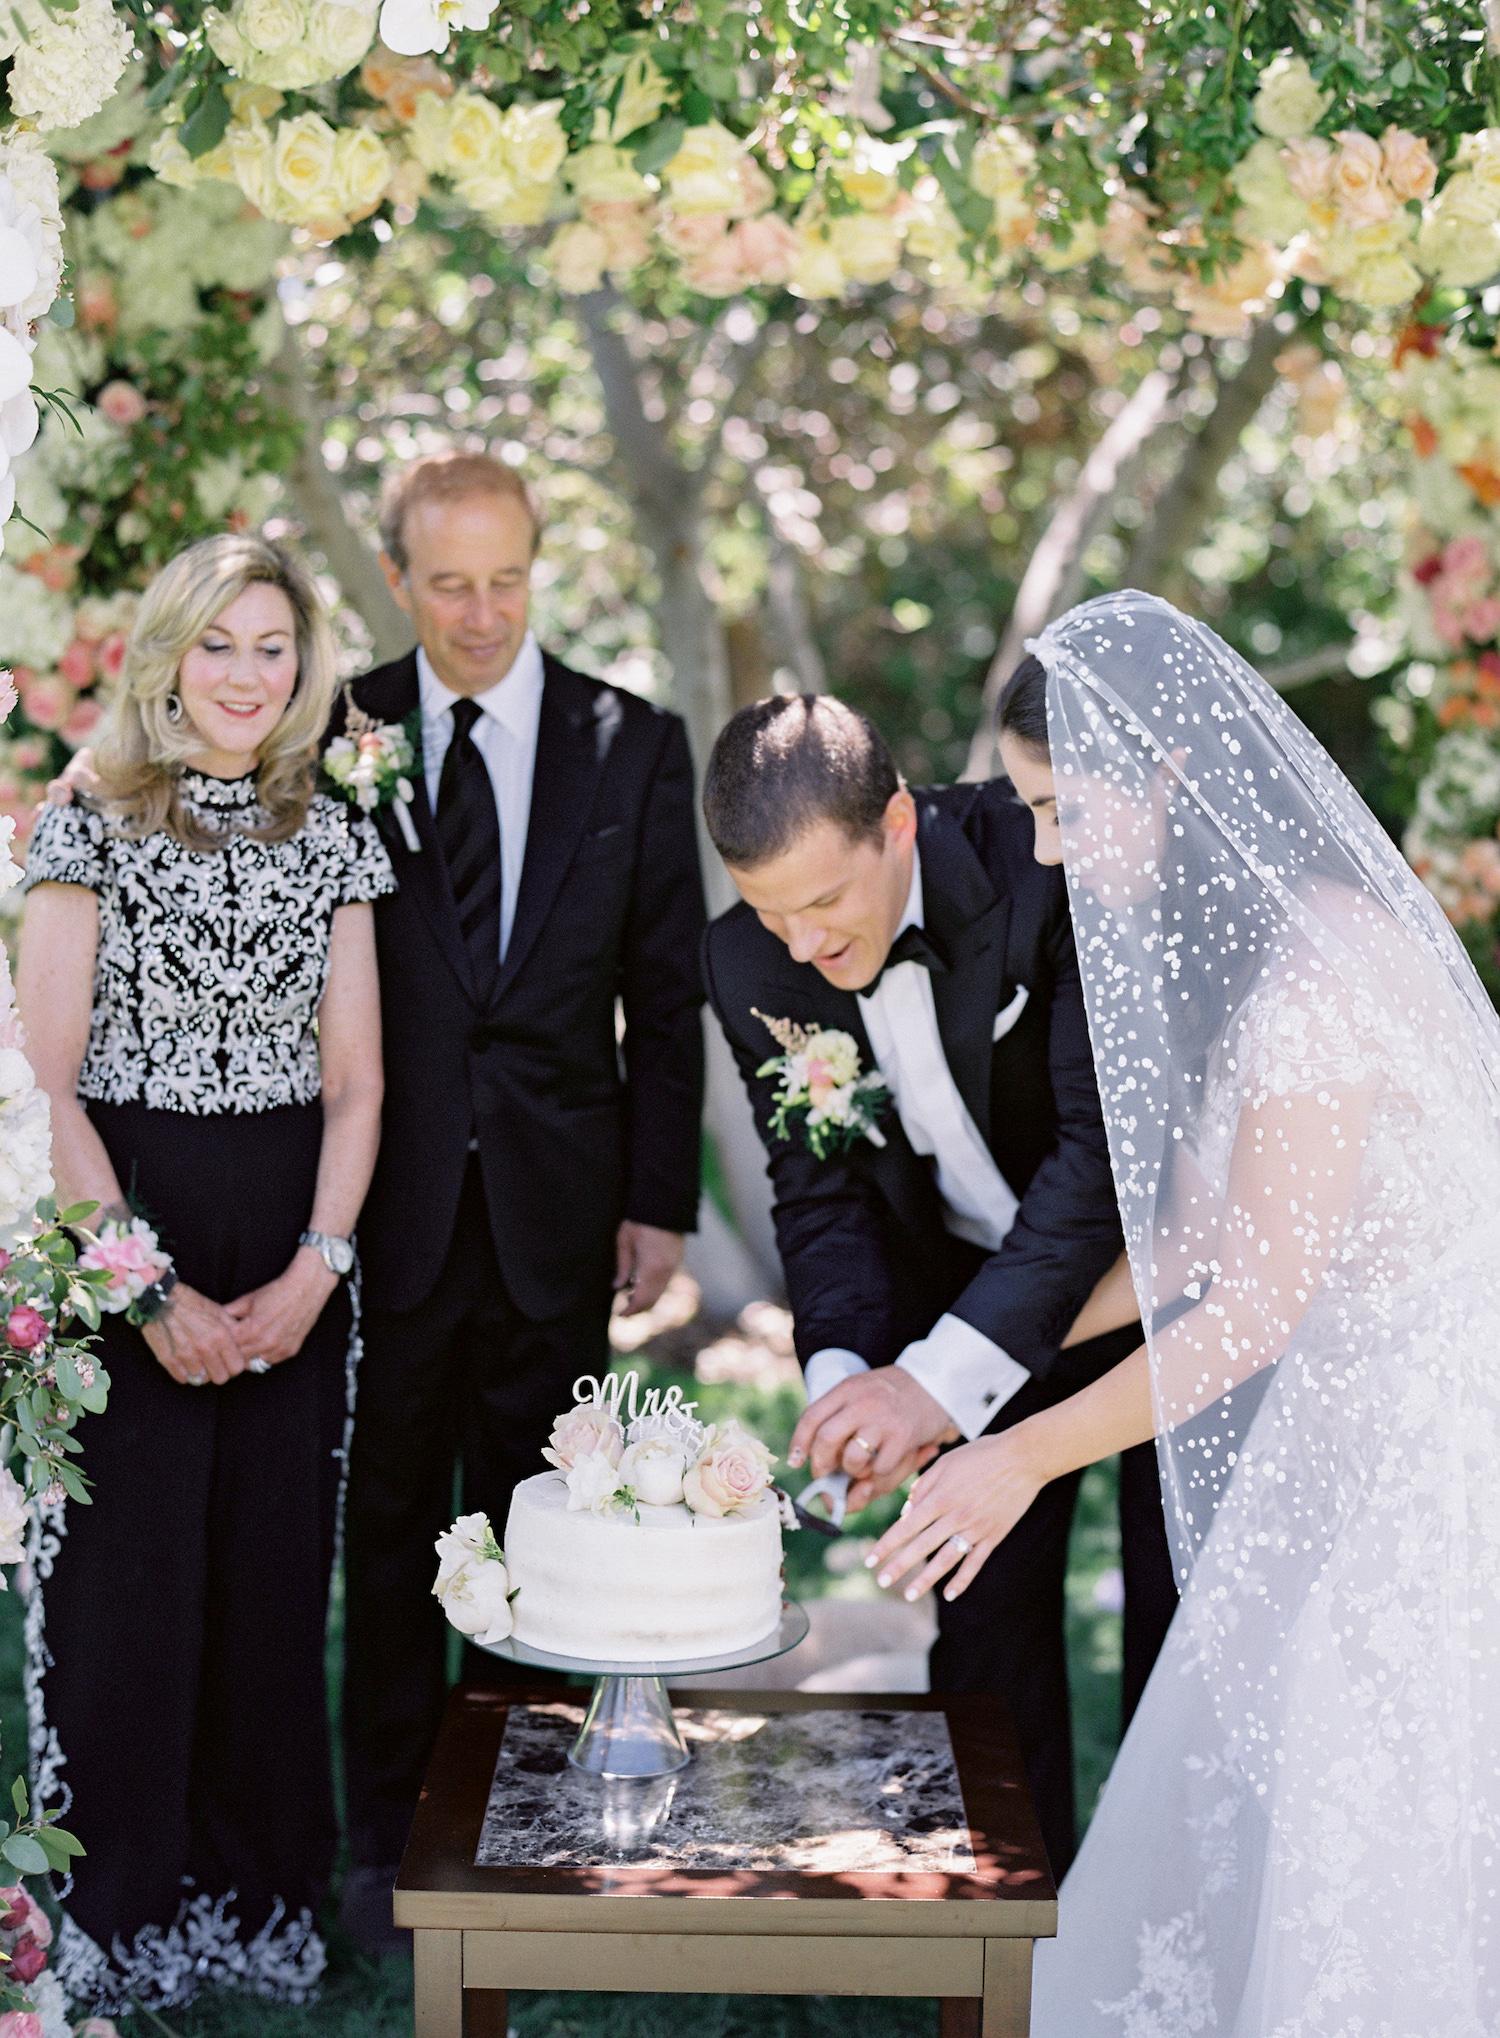 micro-wedding-cutting-the-cake